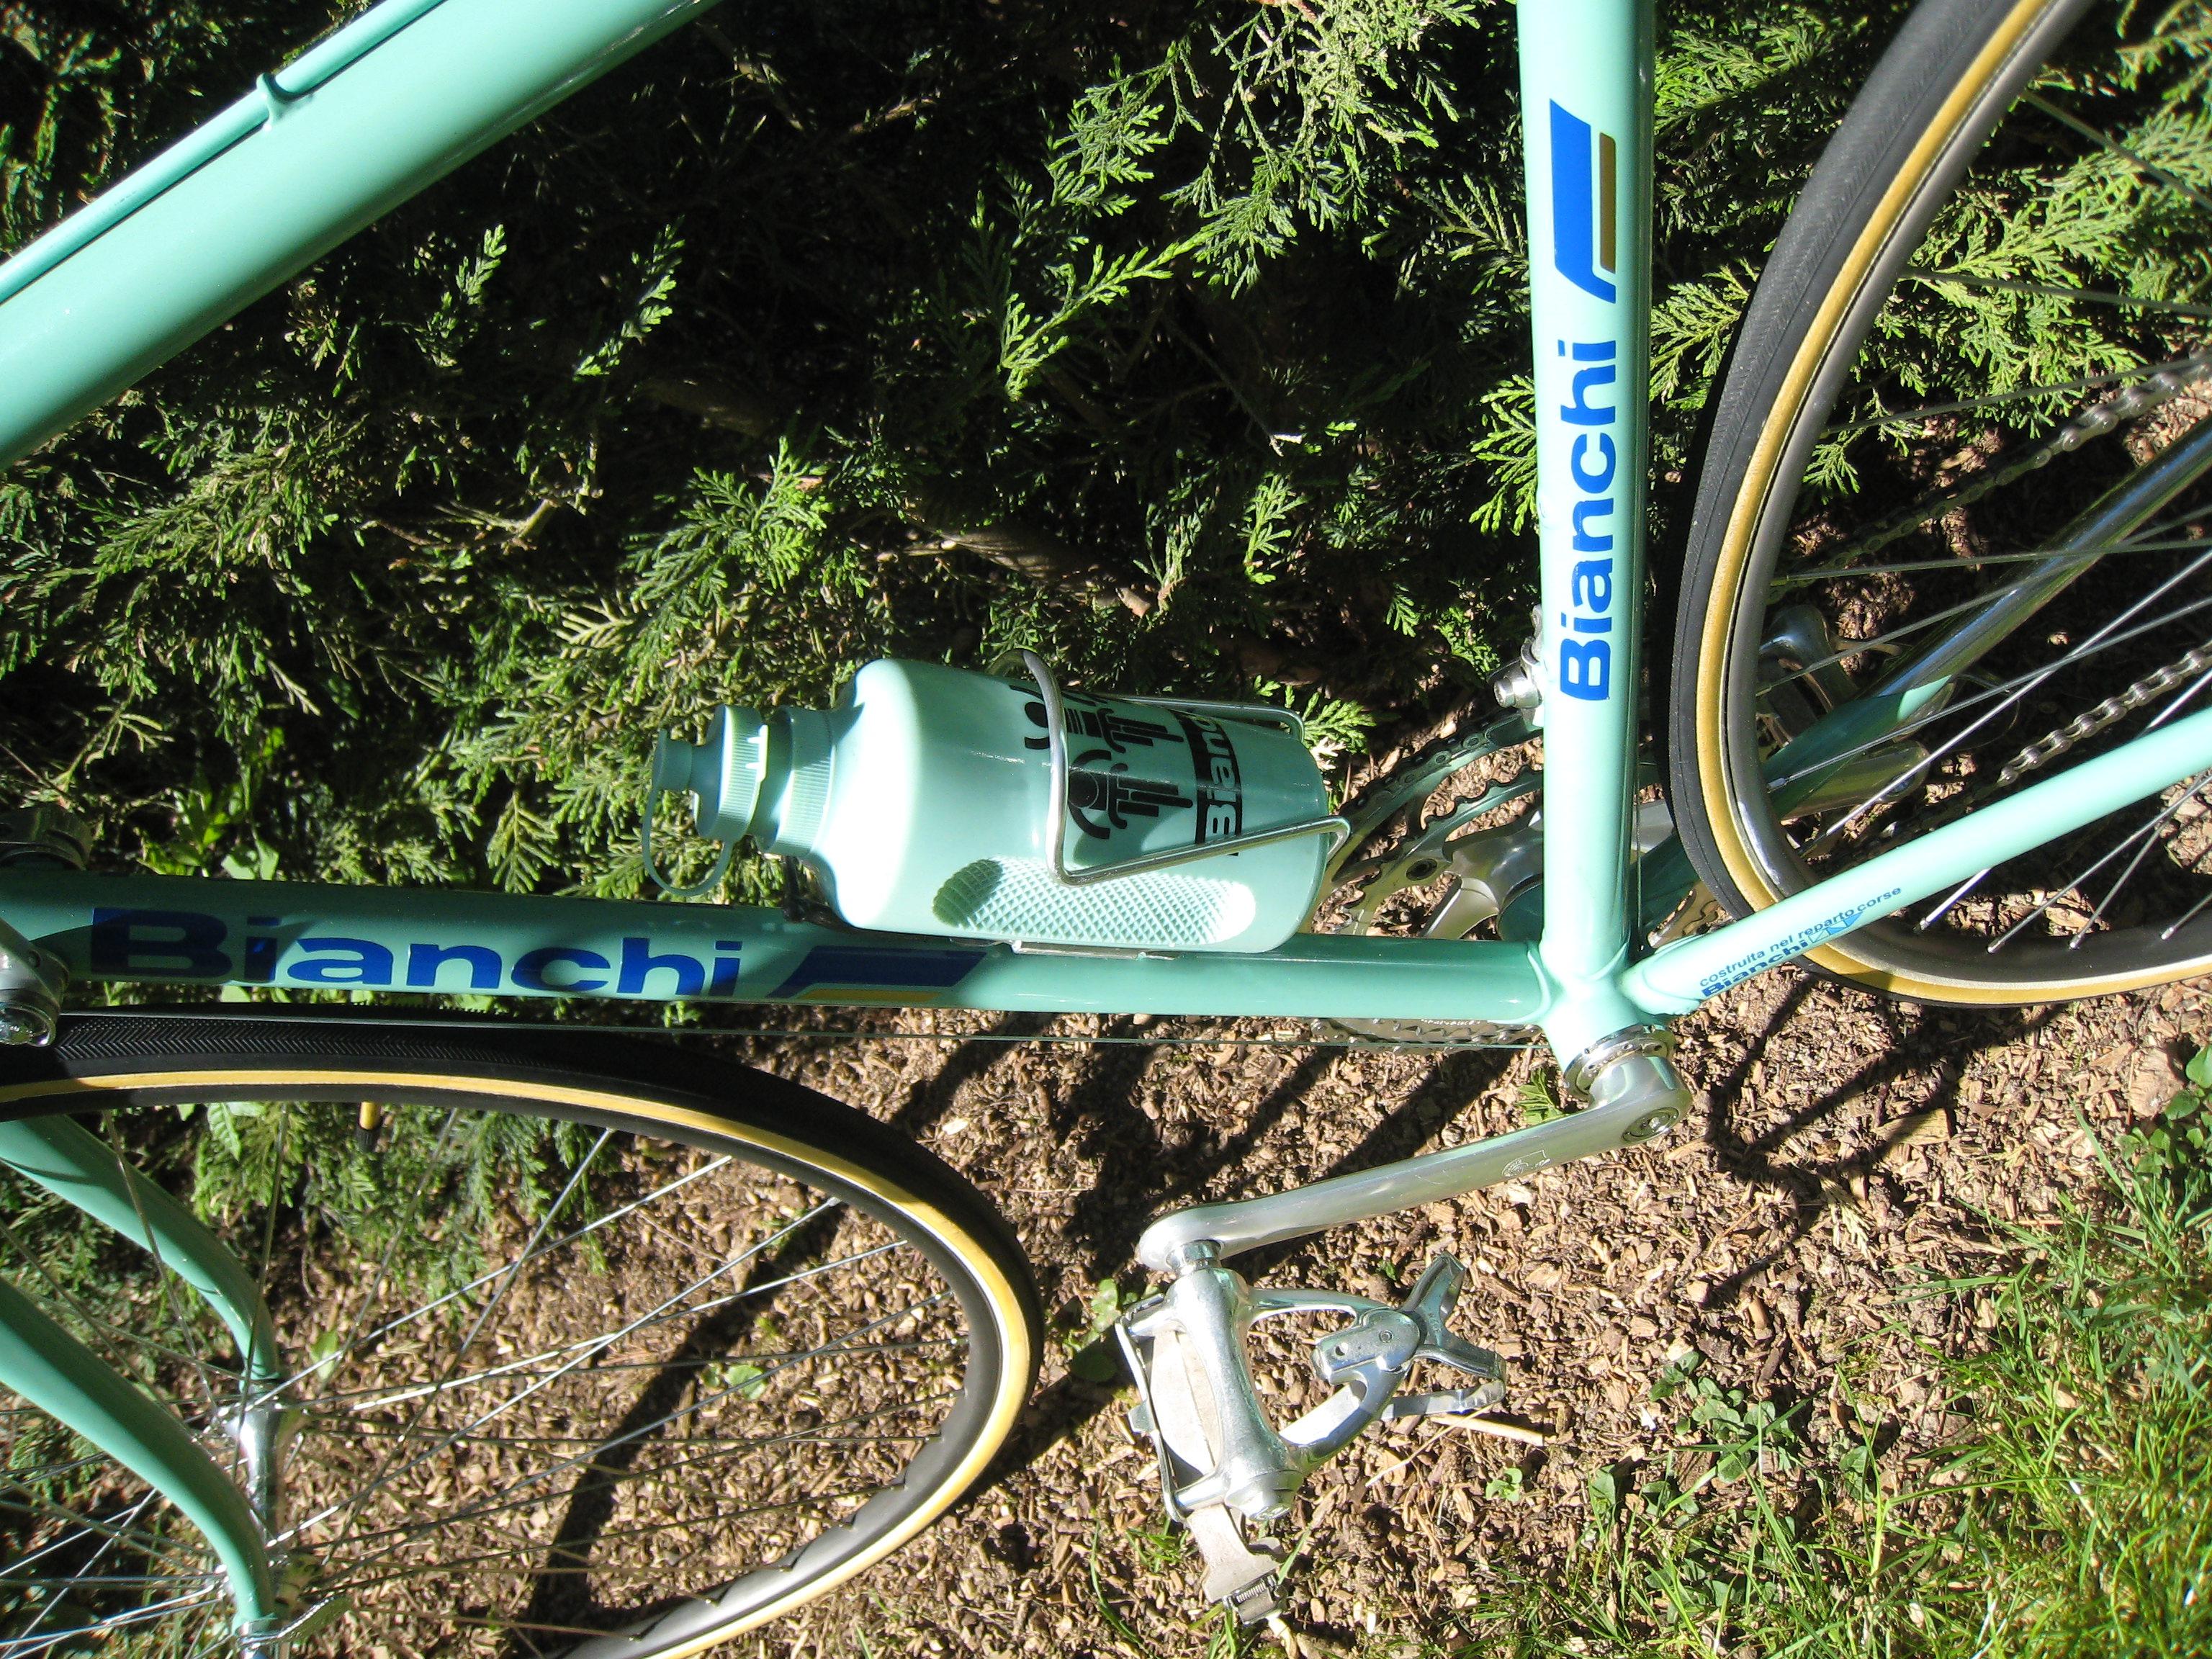 Ajout d'un Bianchi X4 1986 - Page 2 49801405717_91871aa28f_3k